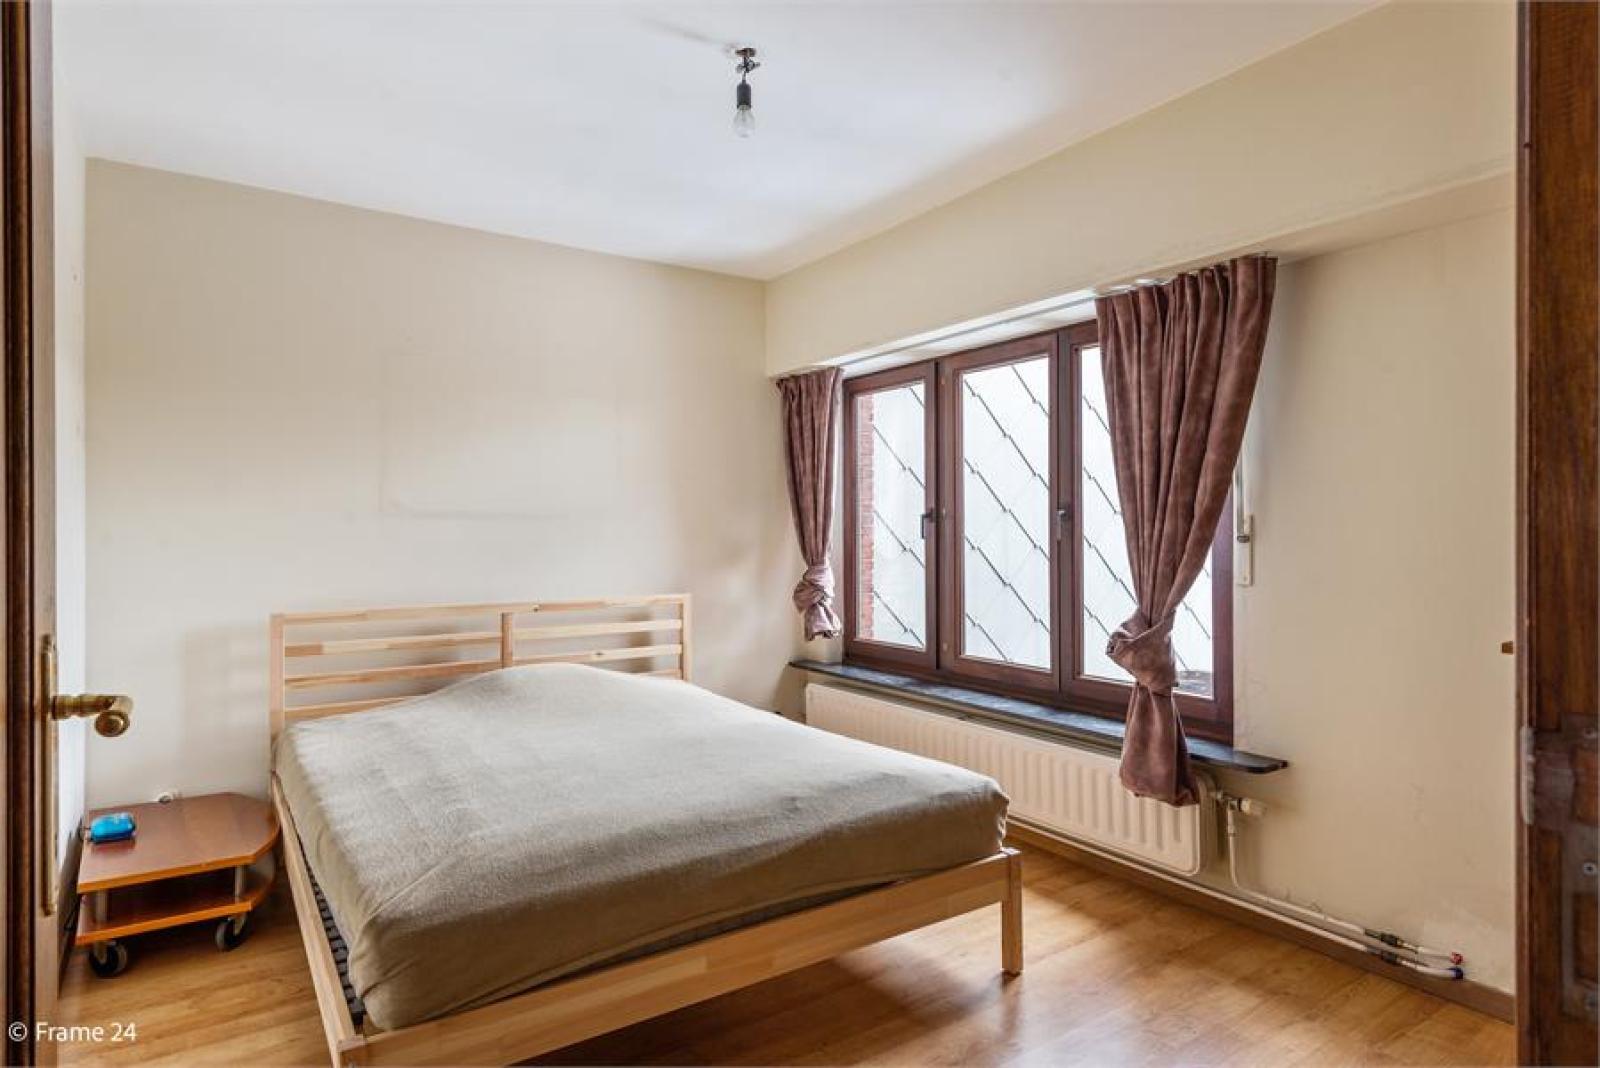 Verzorgde bel-étage met 3 slaapkamers, tuin en garage nabij centrum Wijnegem gelegen. afbeelding 16